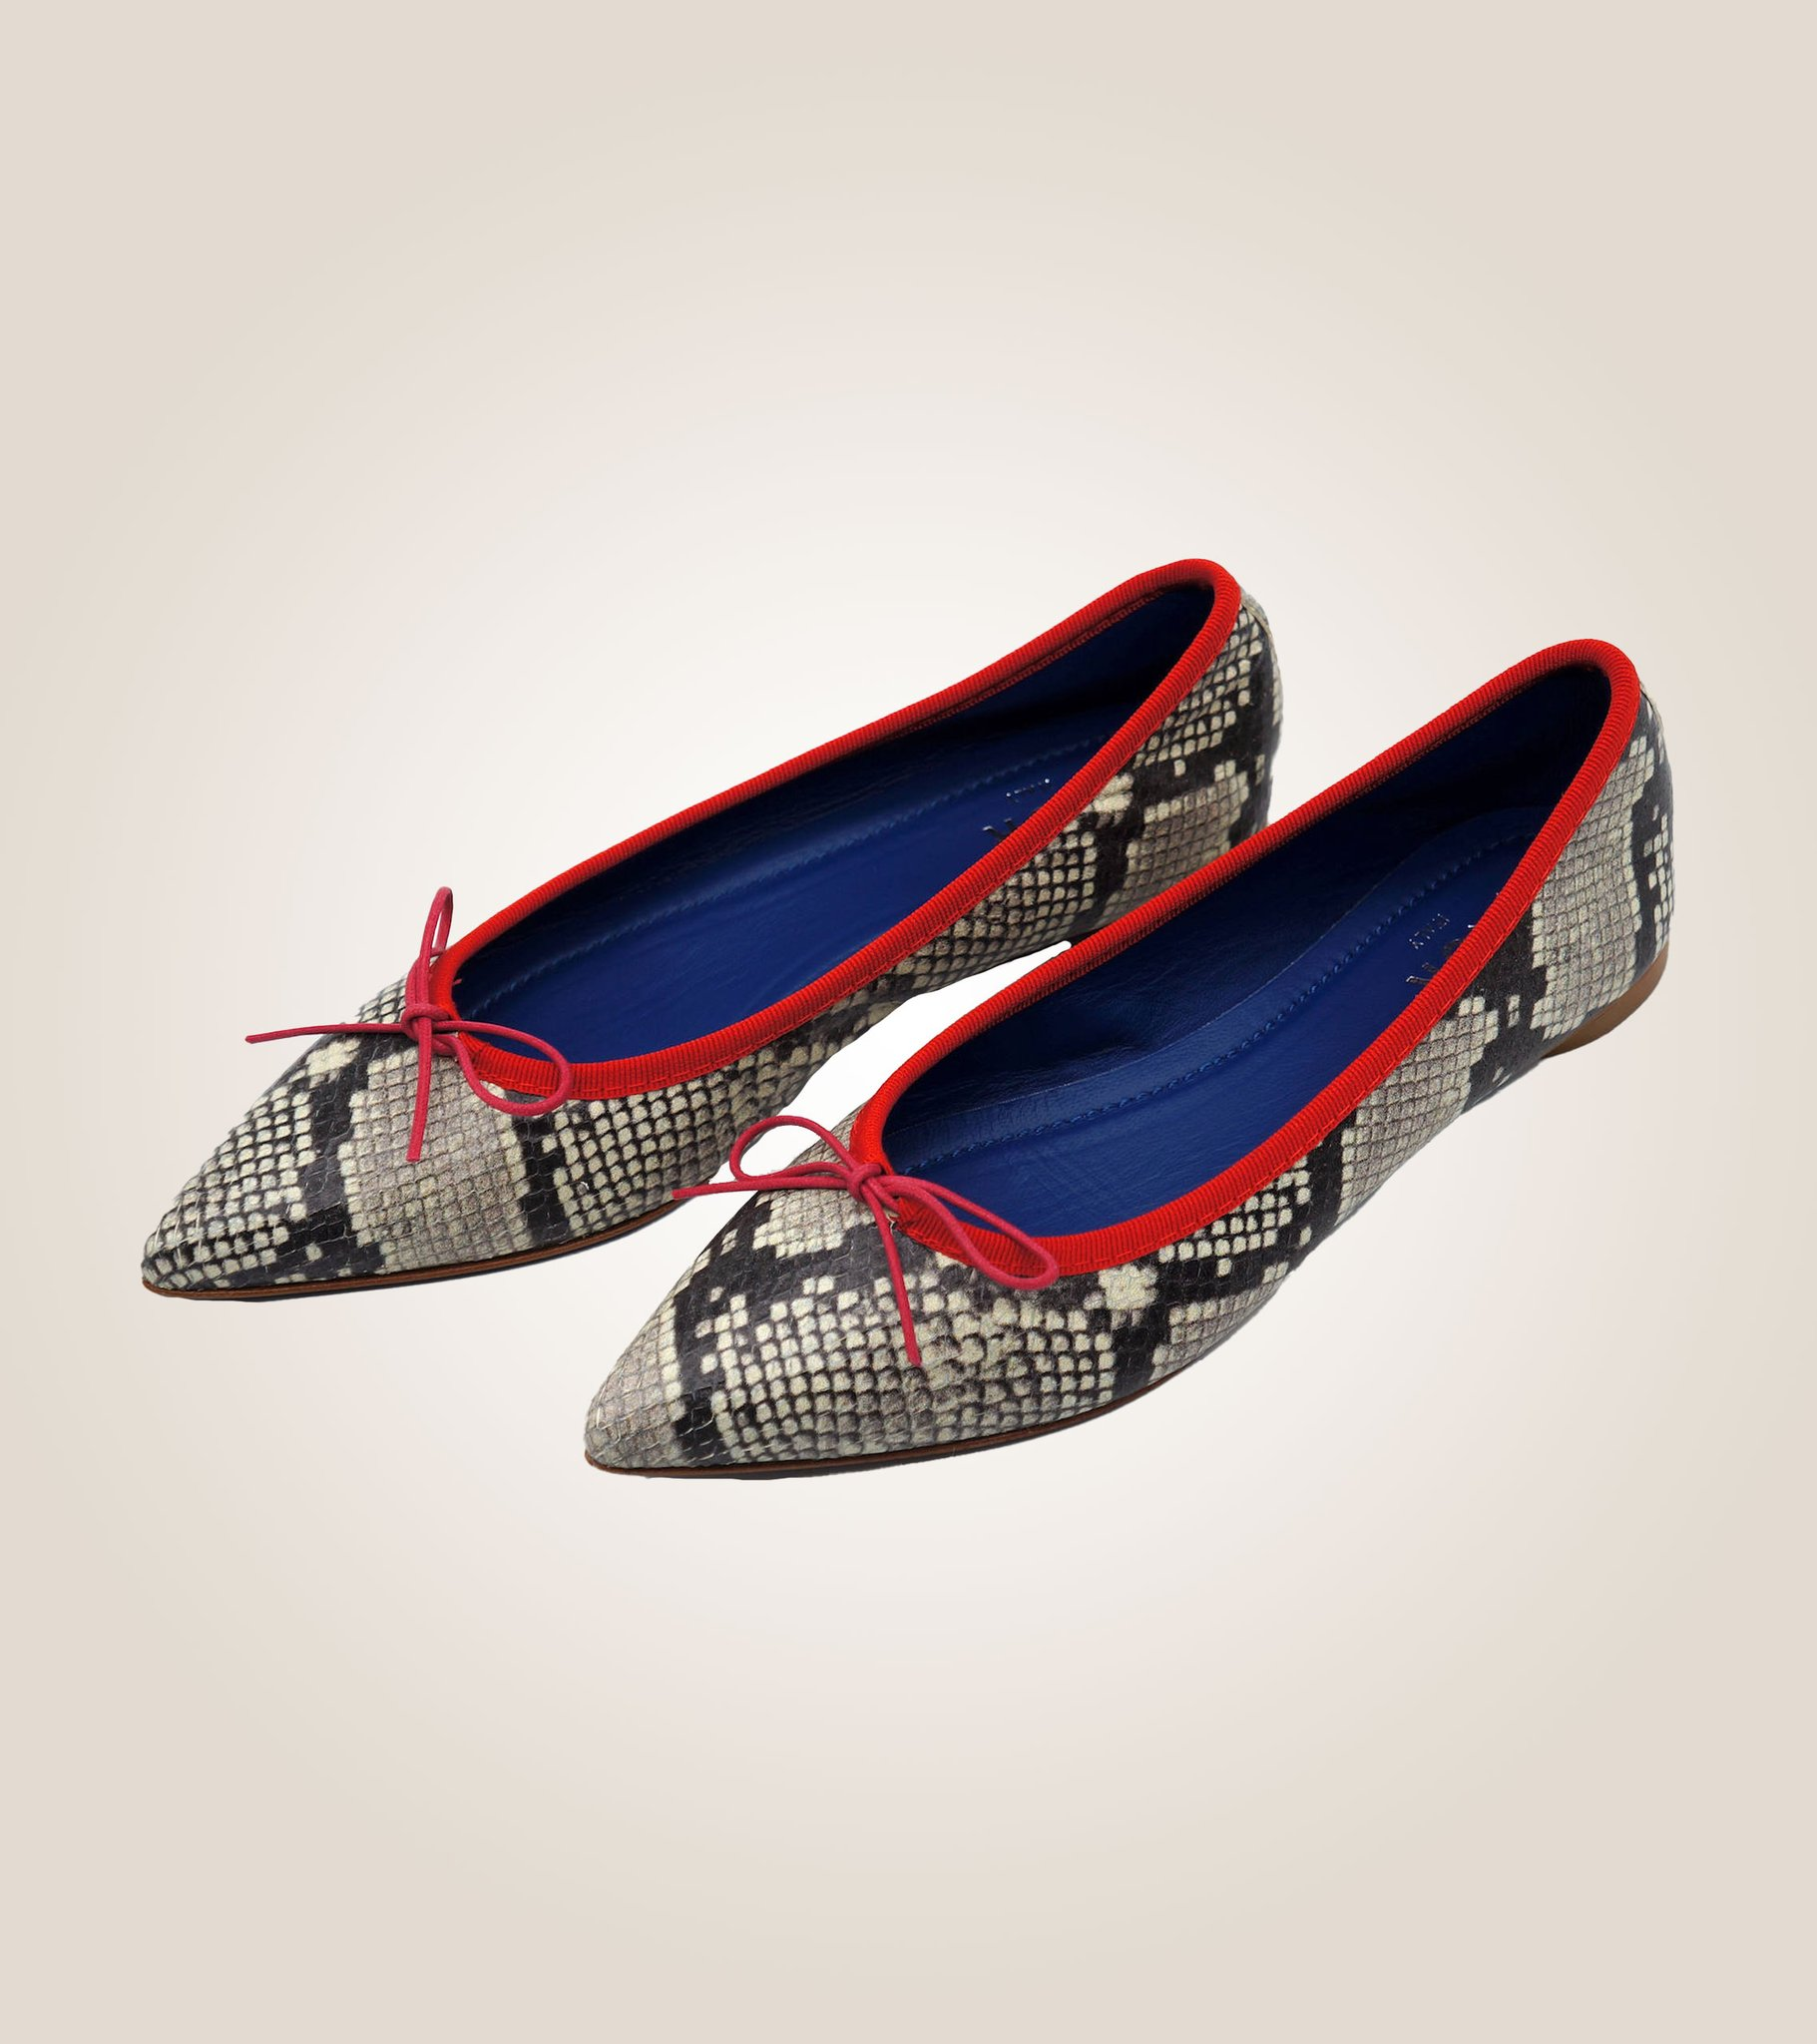 Un par de zapatillas de ballet de NUR ITALY siempre será una buena inversión.